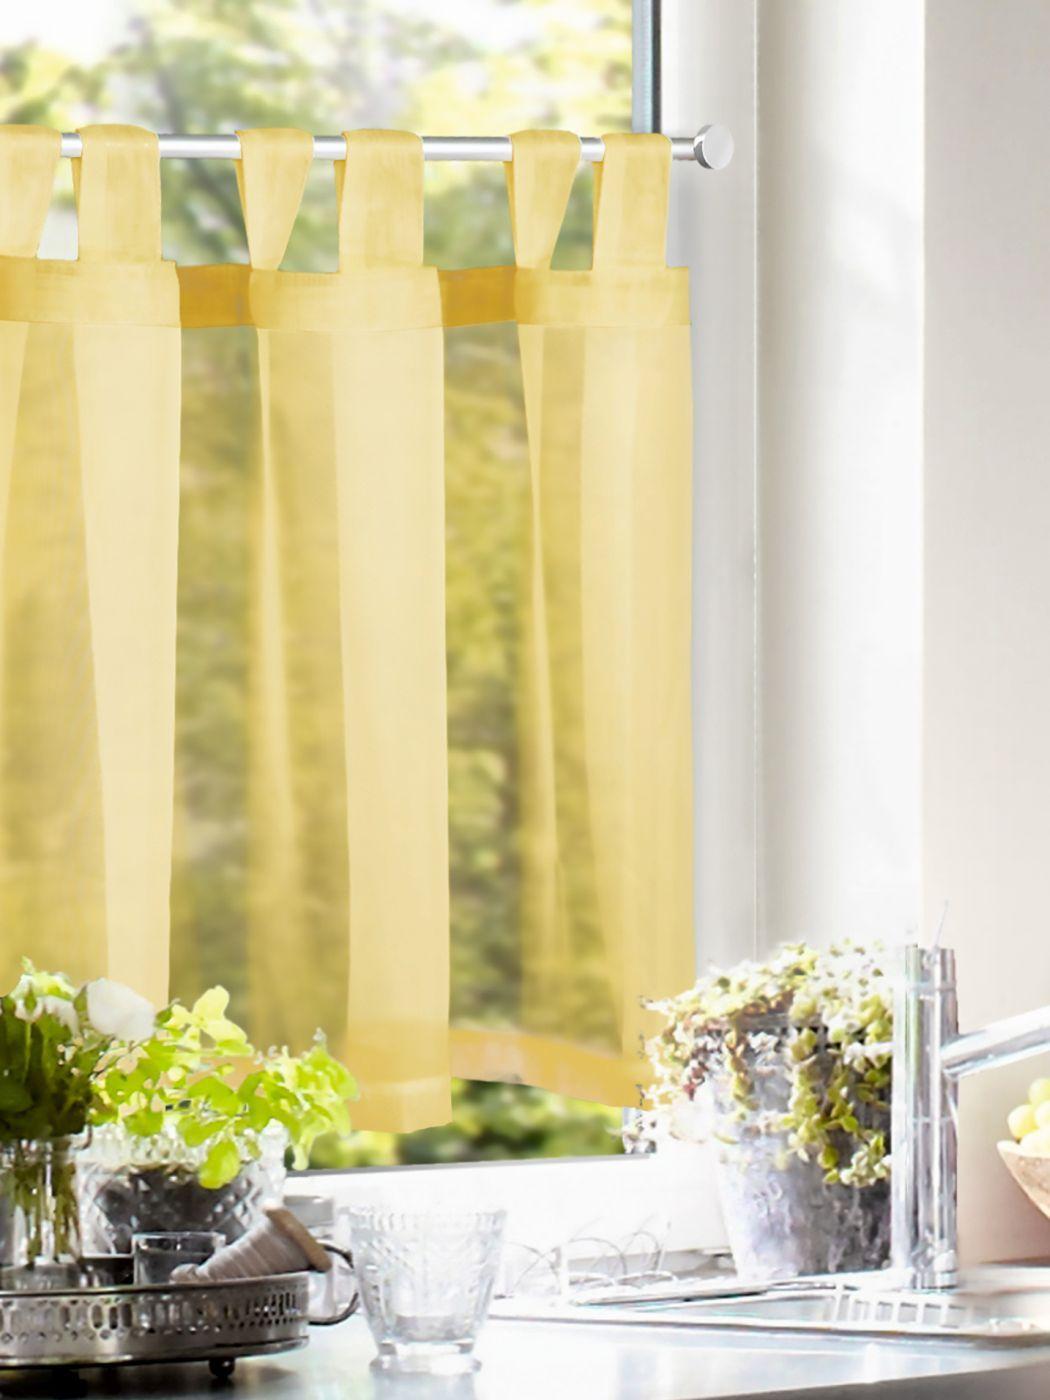 Full Size of Scheibengardine Kchenvorhang Gelb Einfarbig Gardinen Outlet Wohnzimmer Küchenvorhänge